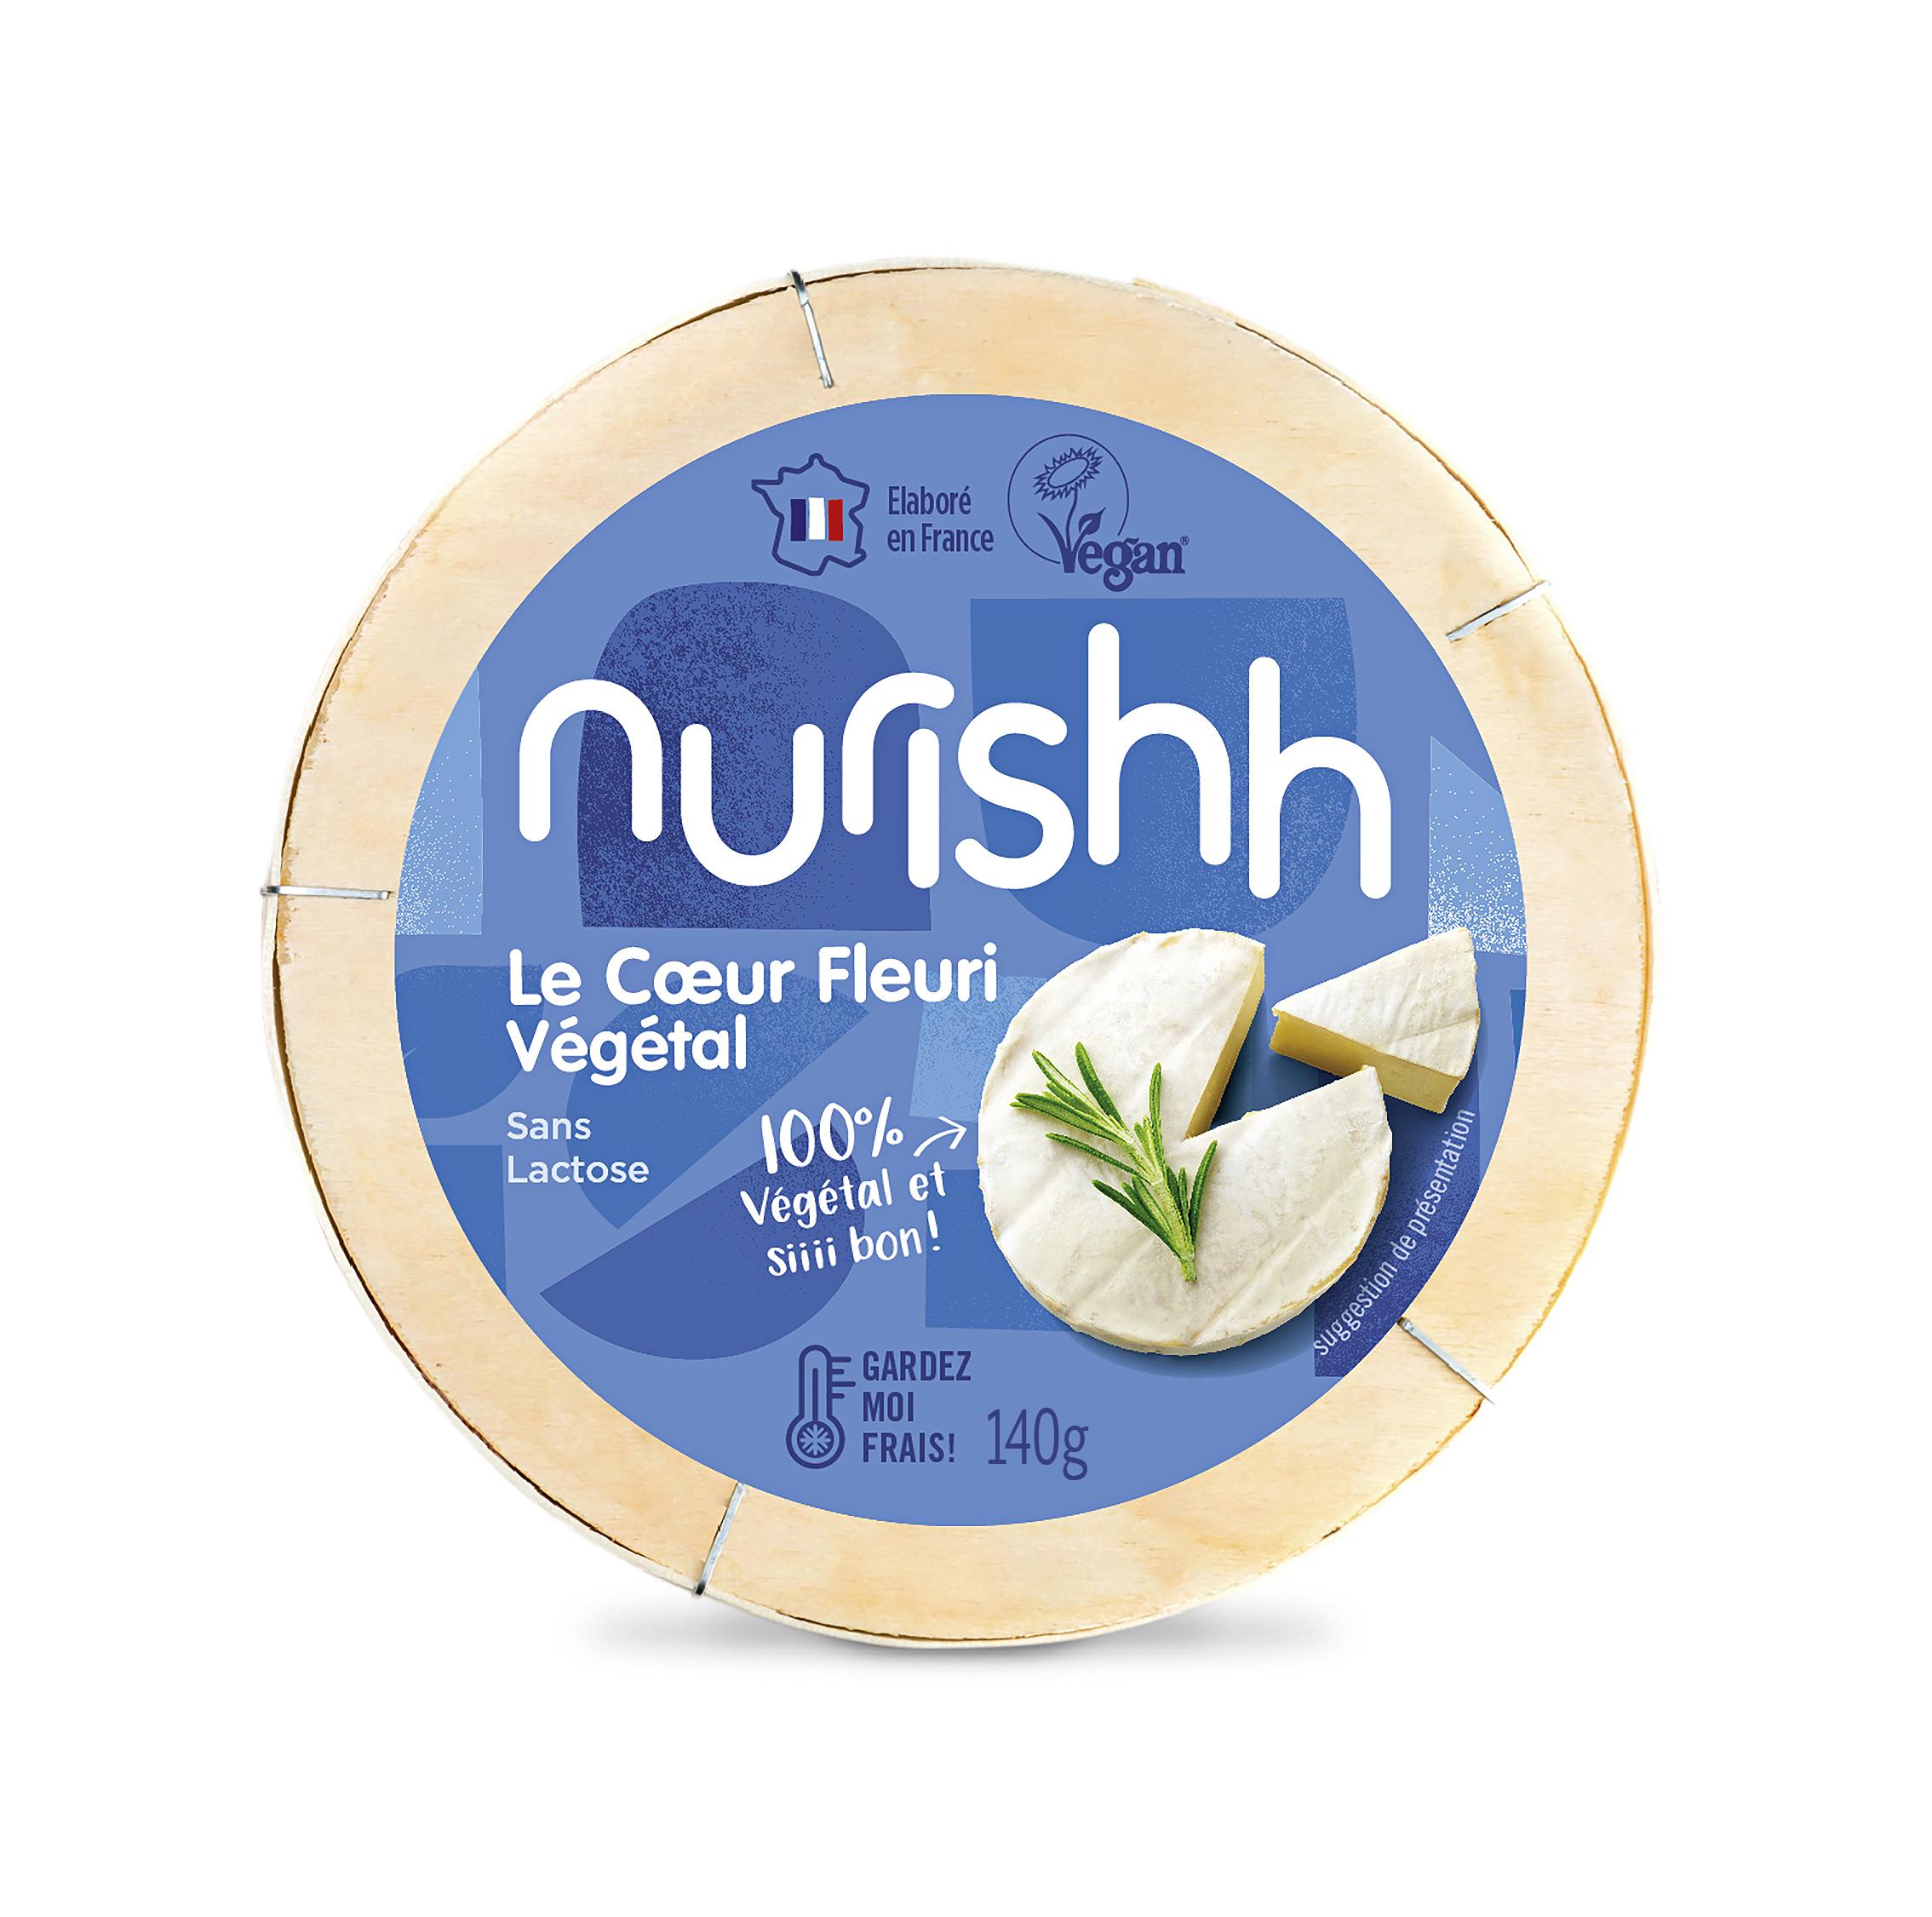 NURISHH COEUR FLEURI 140G - Bel lance Nurishh une gamme de fromages végétaux